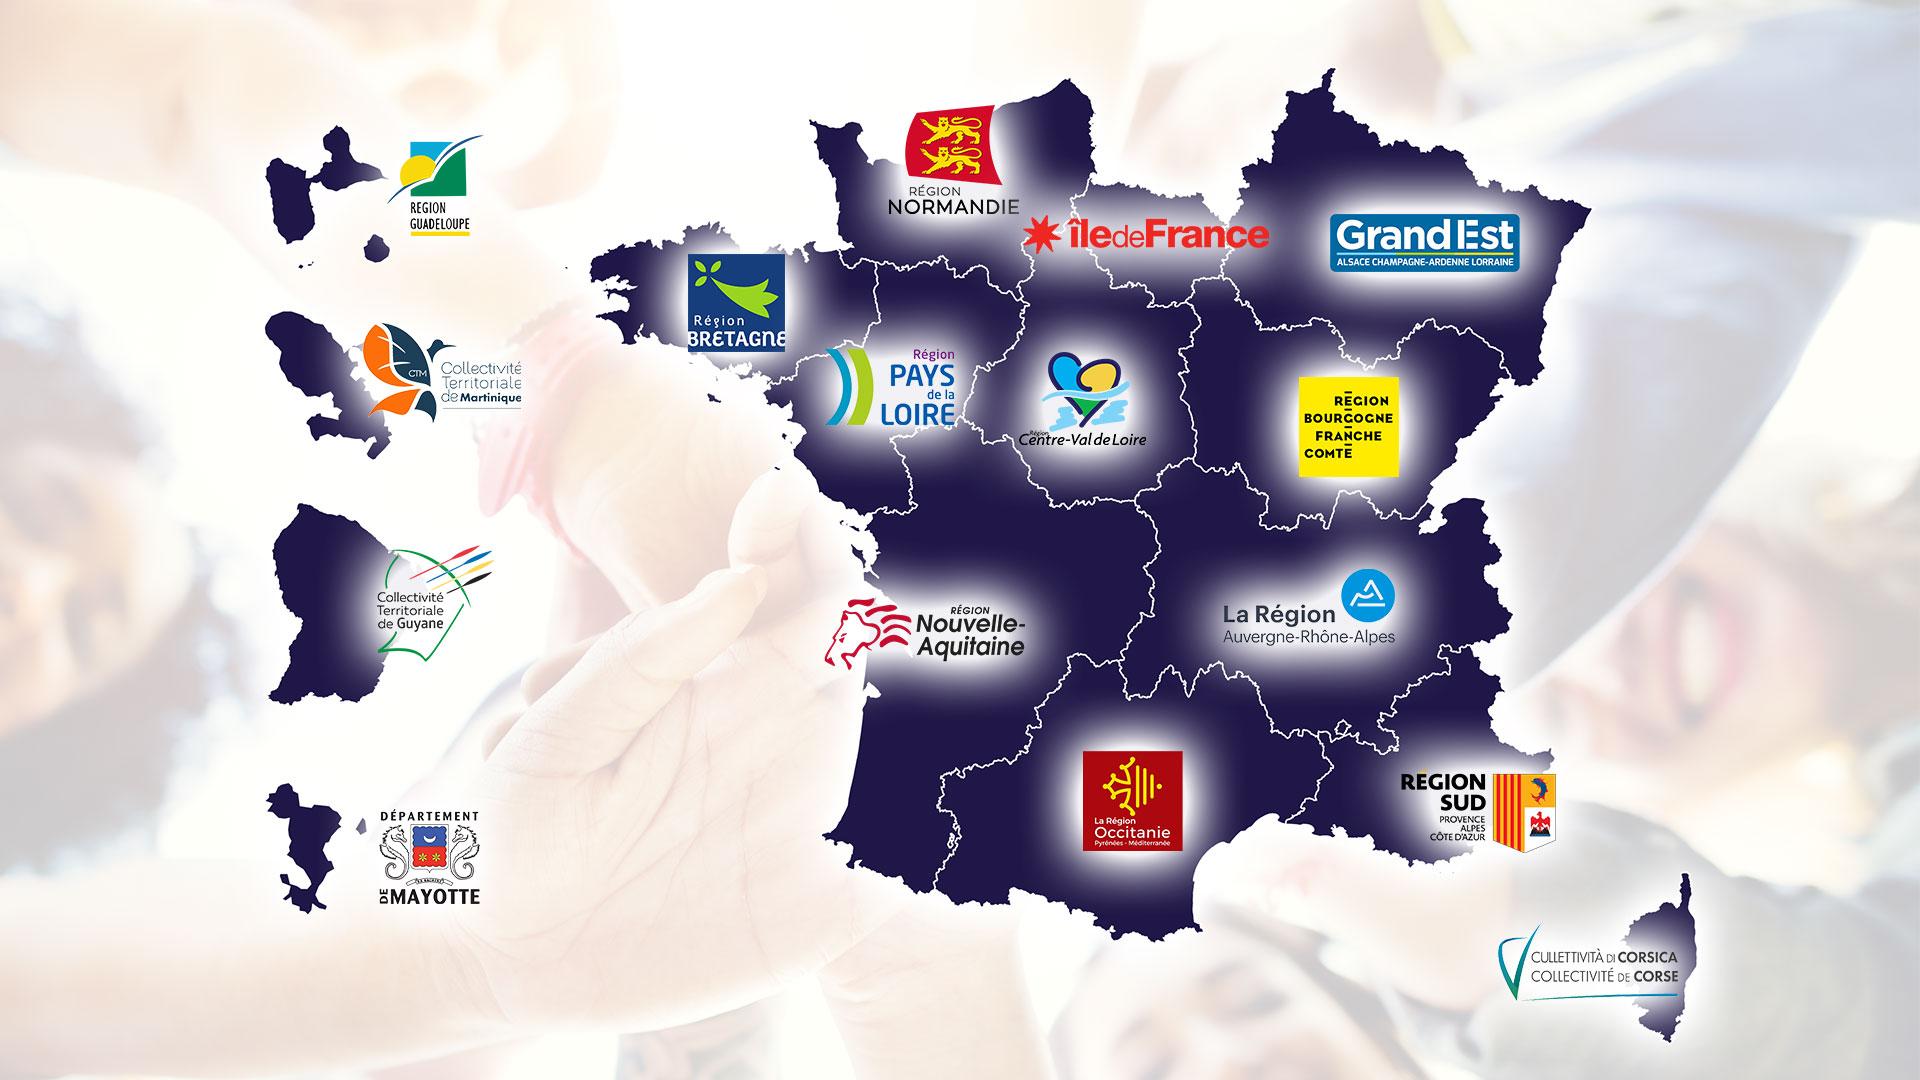 portails-MGDIS-solidarite-TPE-1920x1080-v3.3